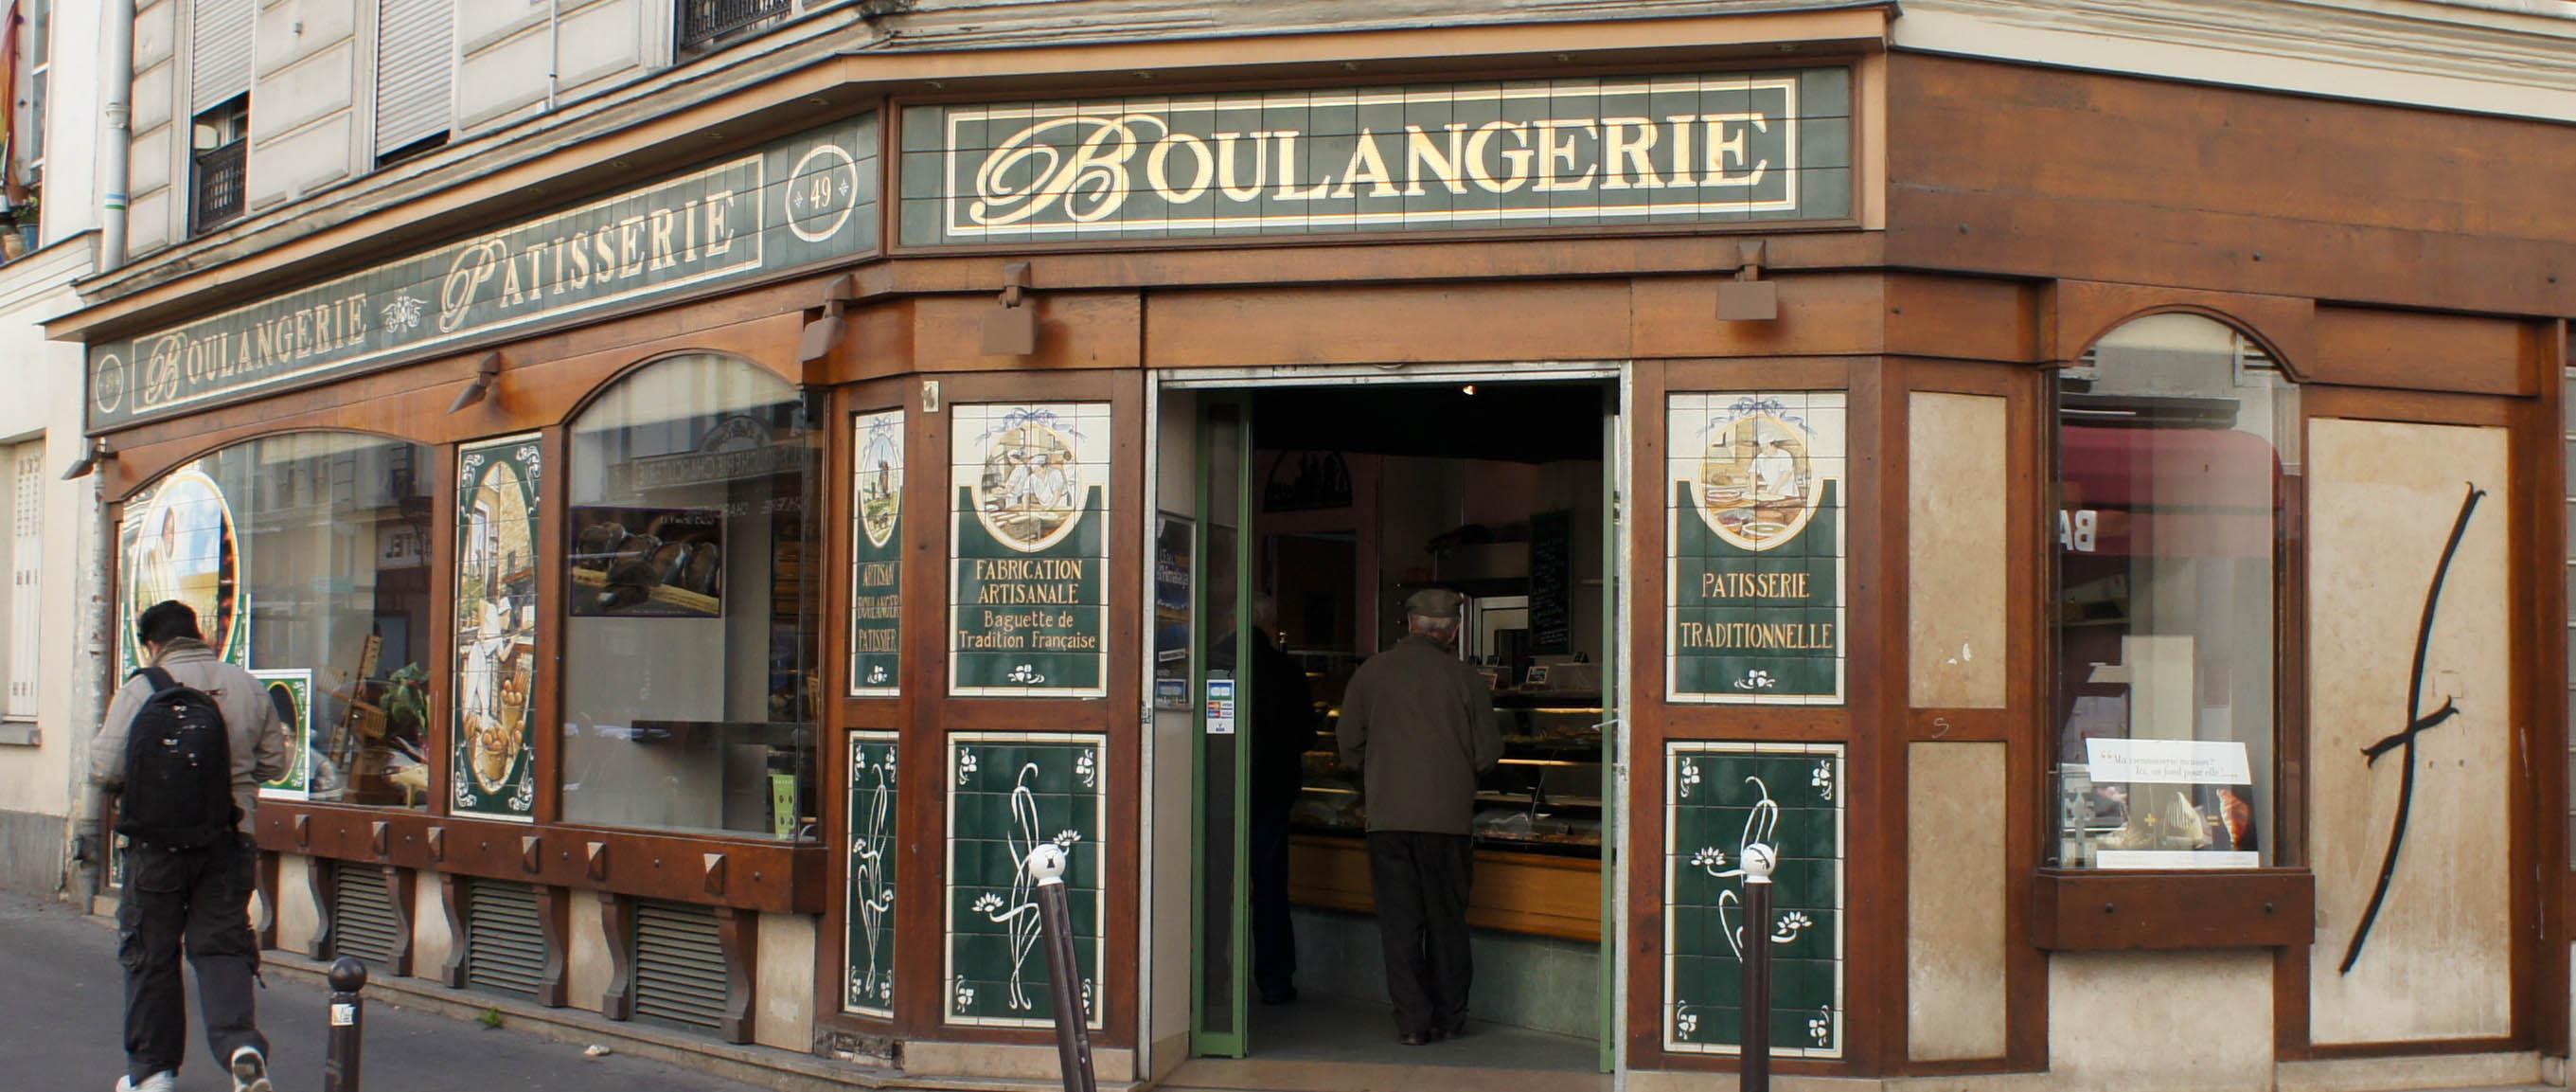 Boulangerie basso paris 17 l ing nierie du pain painrisien - La quincaillerie paris 10 ...